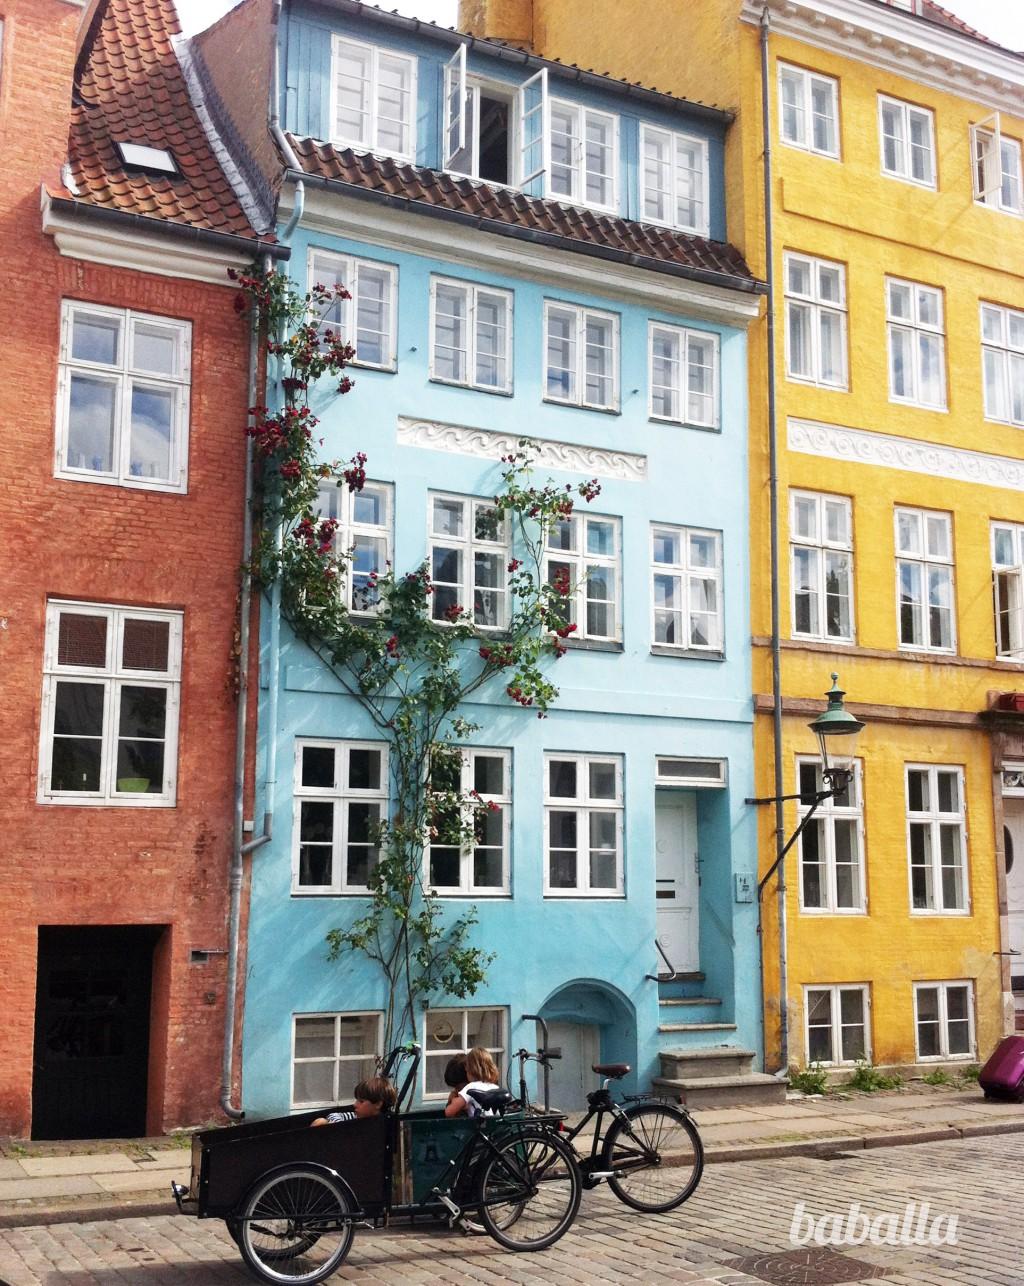 casas_copenhague Copenhague con niños baballa